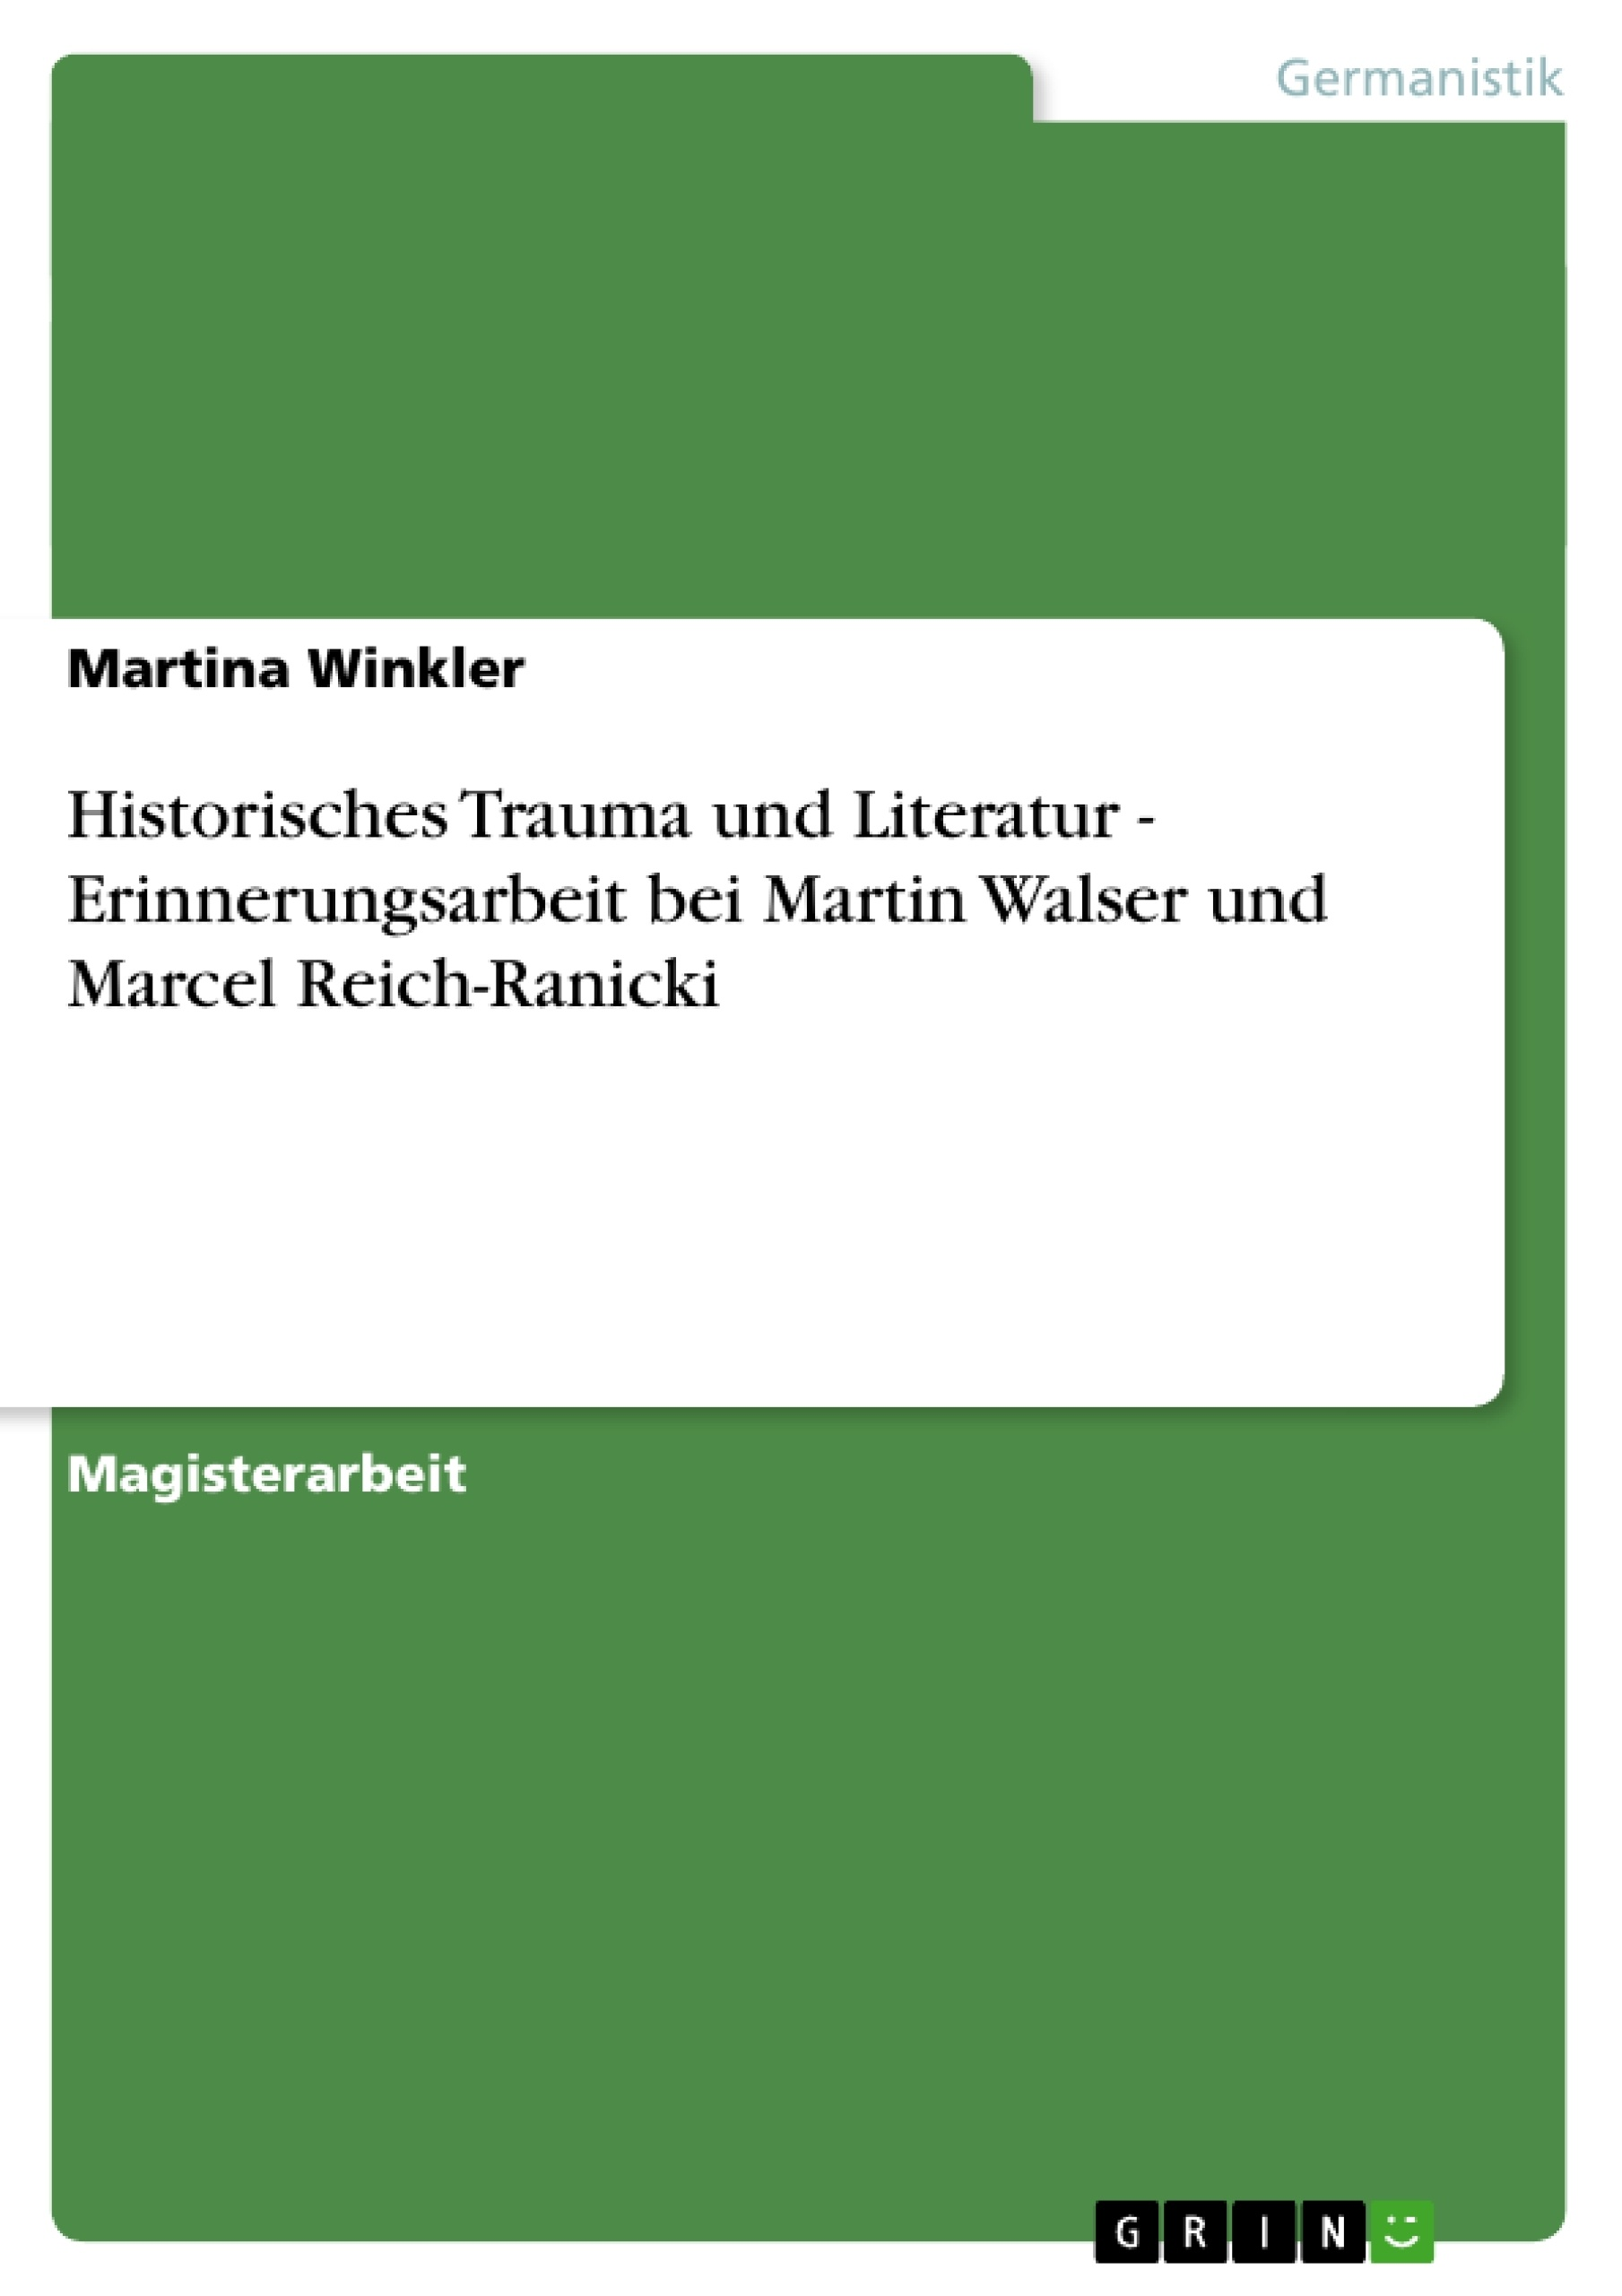 Titel: Historisches Trauma und Literatur - Erinnerungsarbeit bei Martin Walser und Marcel Reich-Ranicki